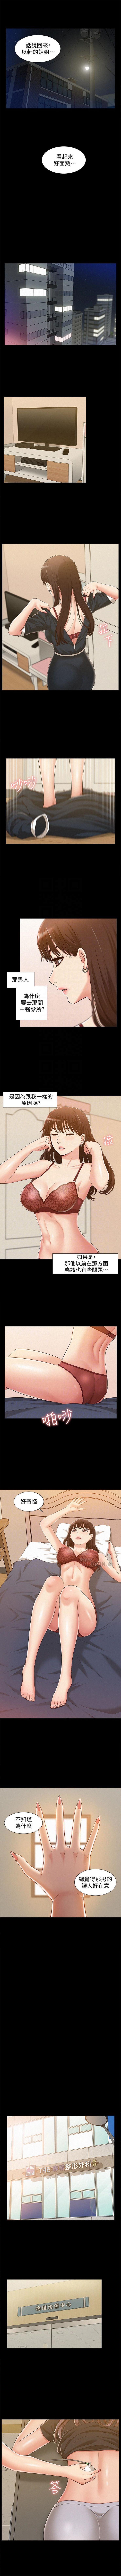 (周4)难言之隐 1-19 中文翻译(更新中) 47